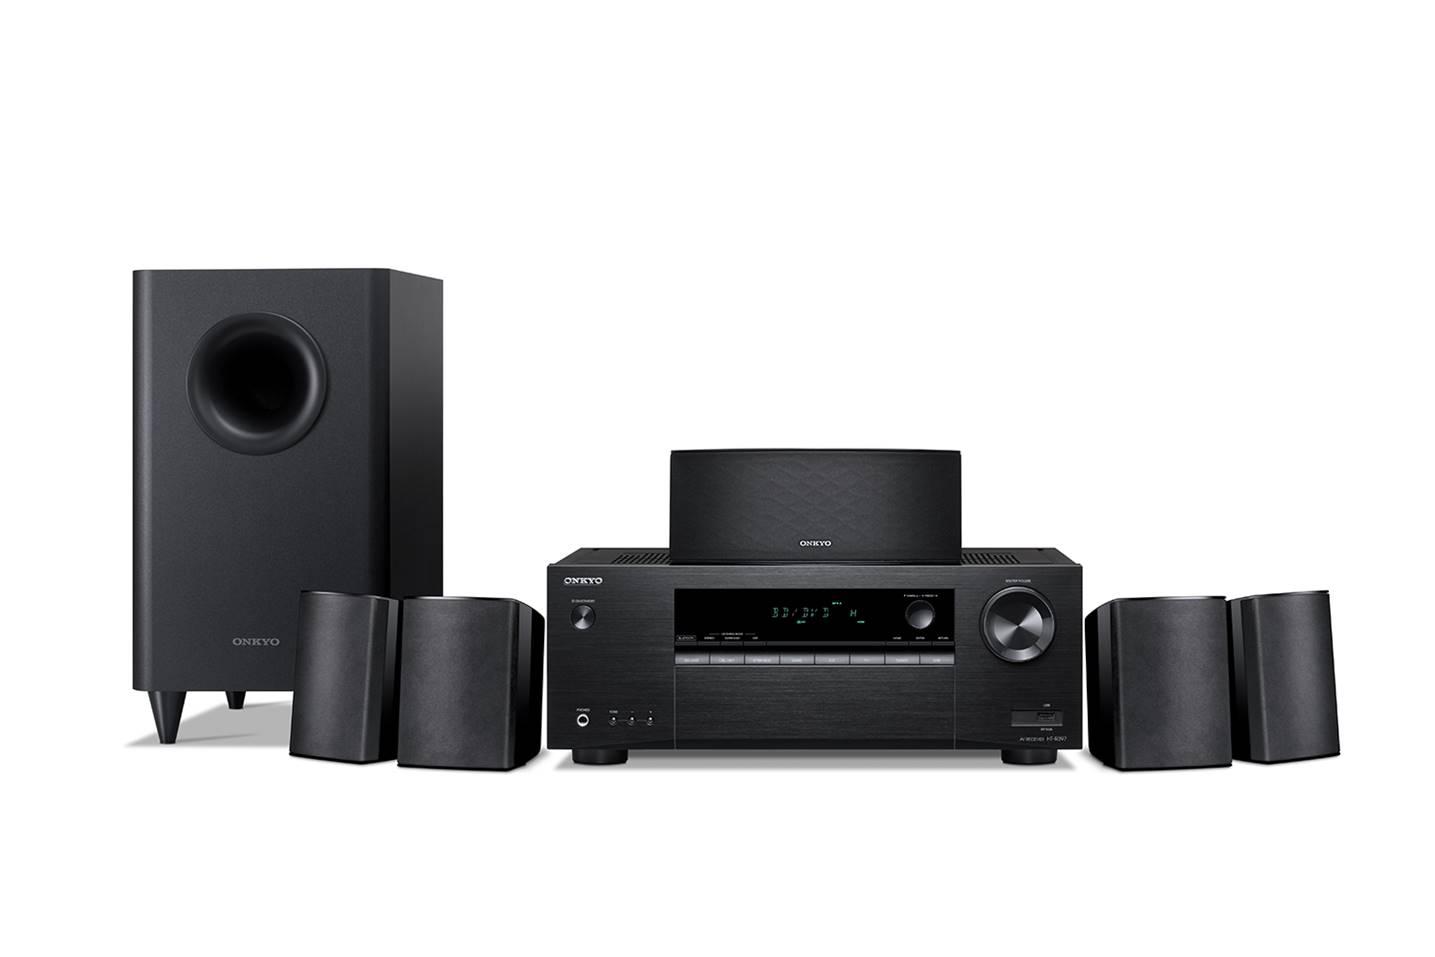 Onkyo HT-S3900 Surround Sound Speakers